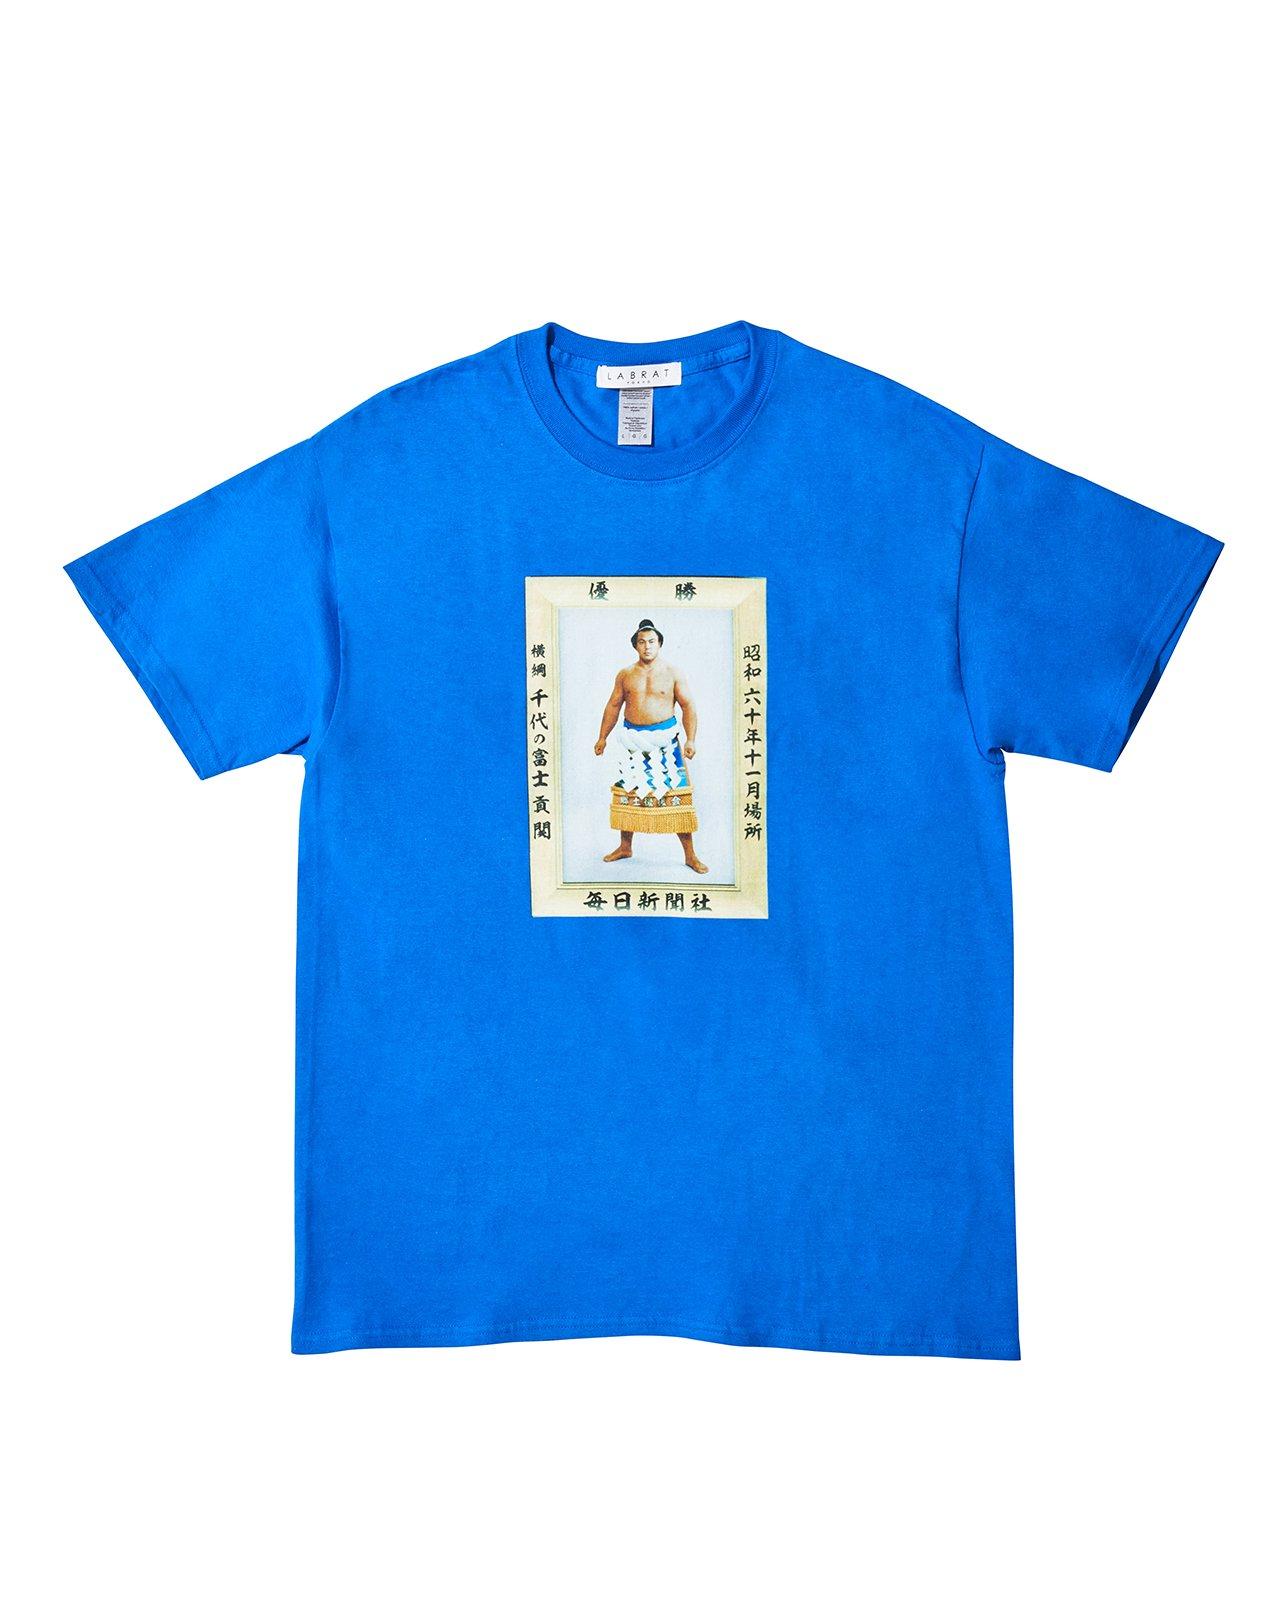 千代の富士 for LABRAT JR両国駅限定販売 Tシャツ(BLUE)(size: S〜XL)